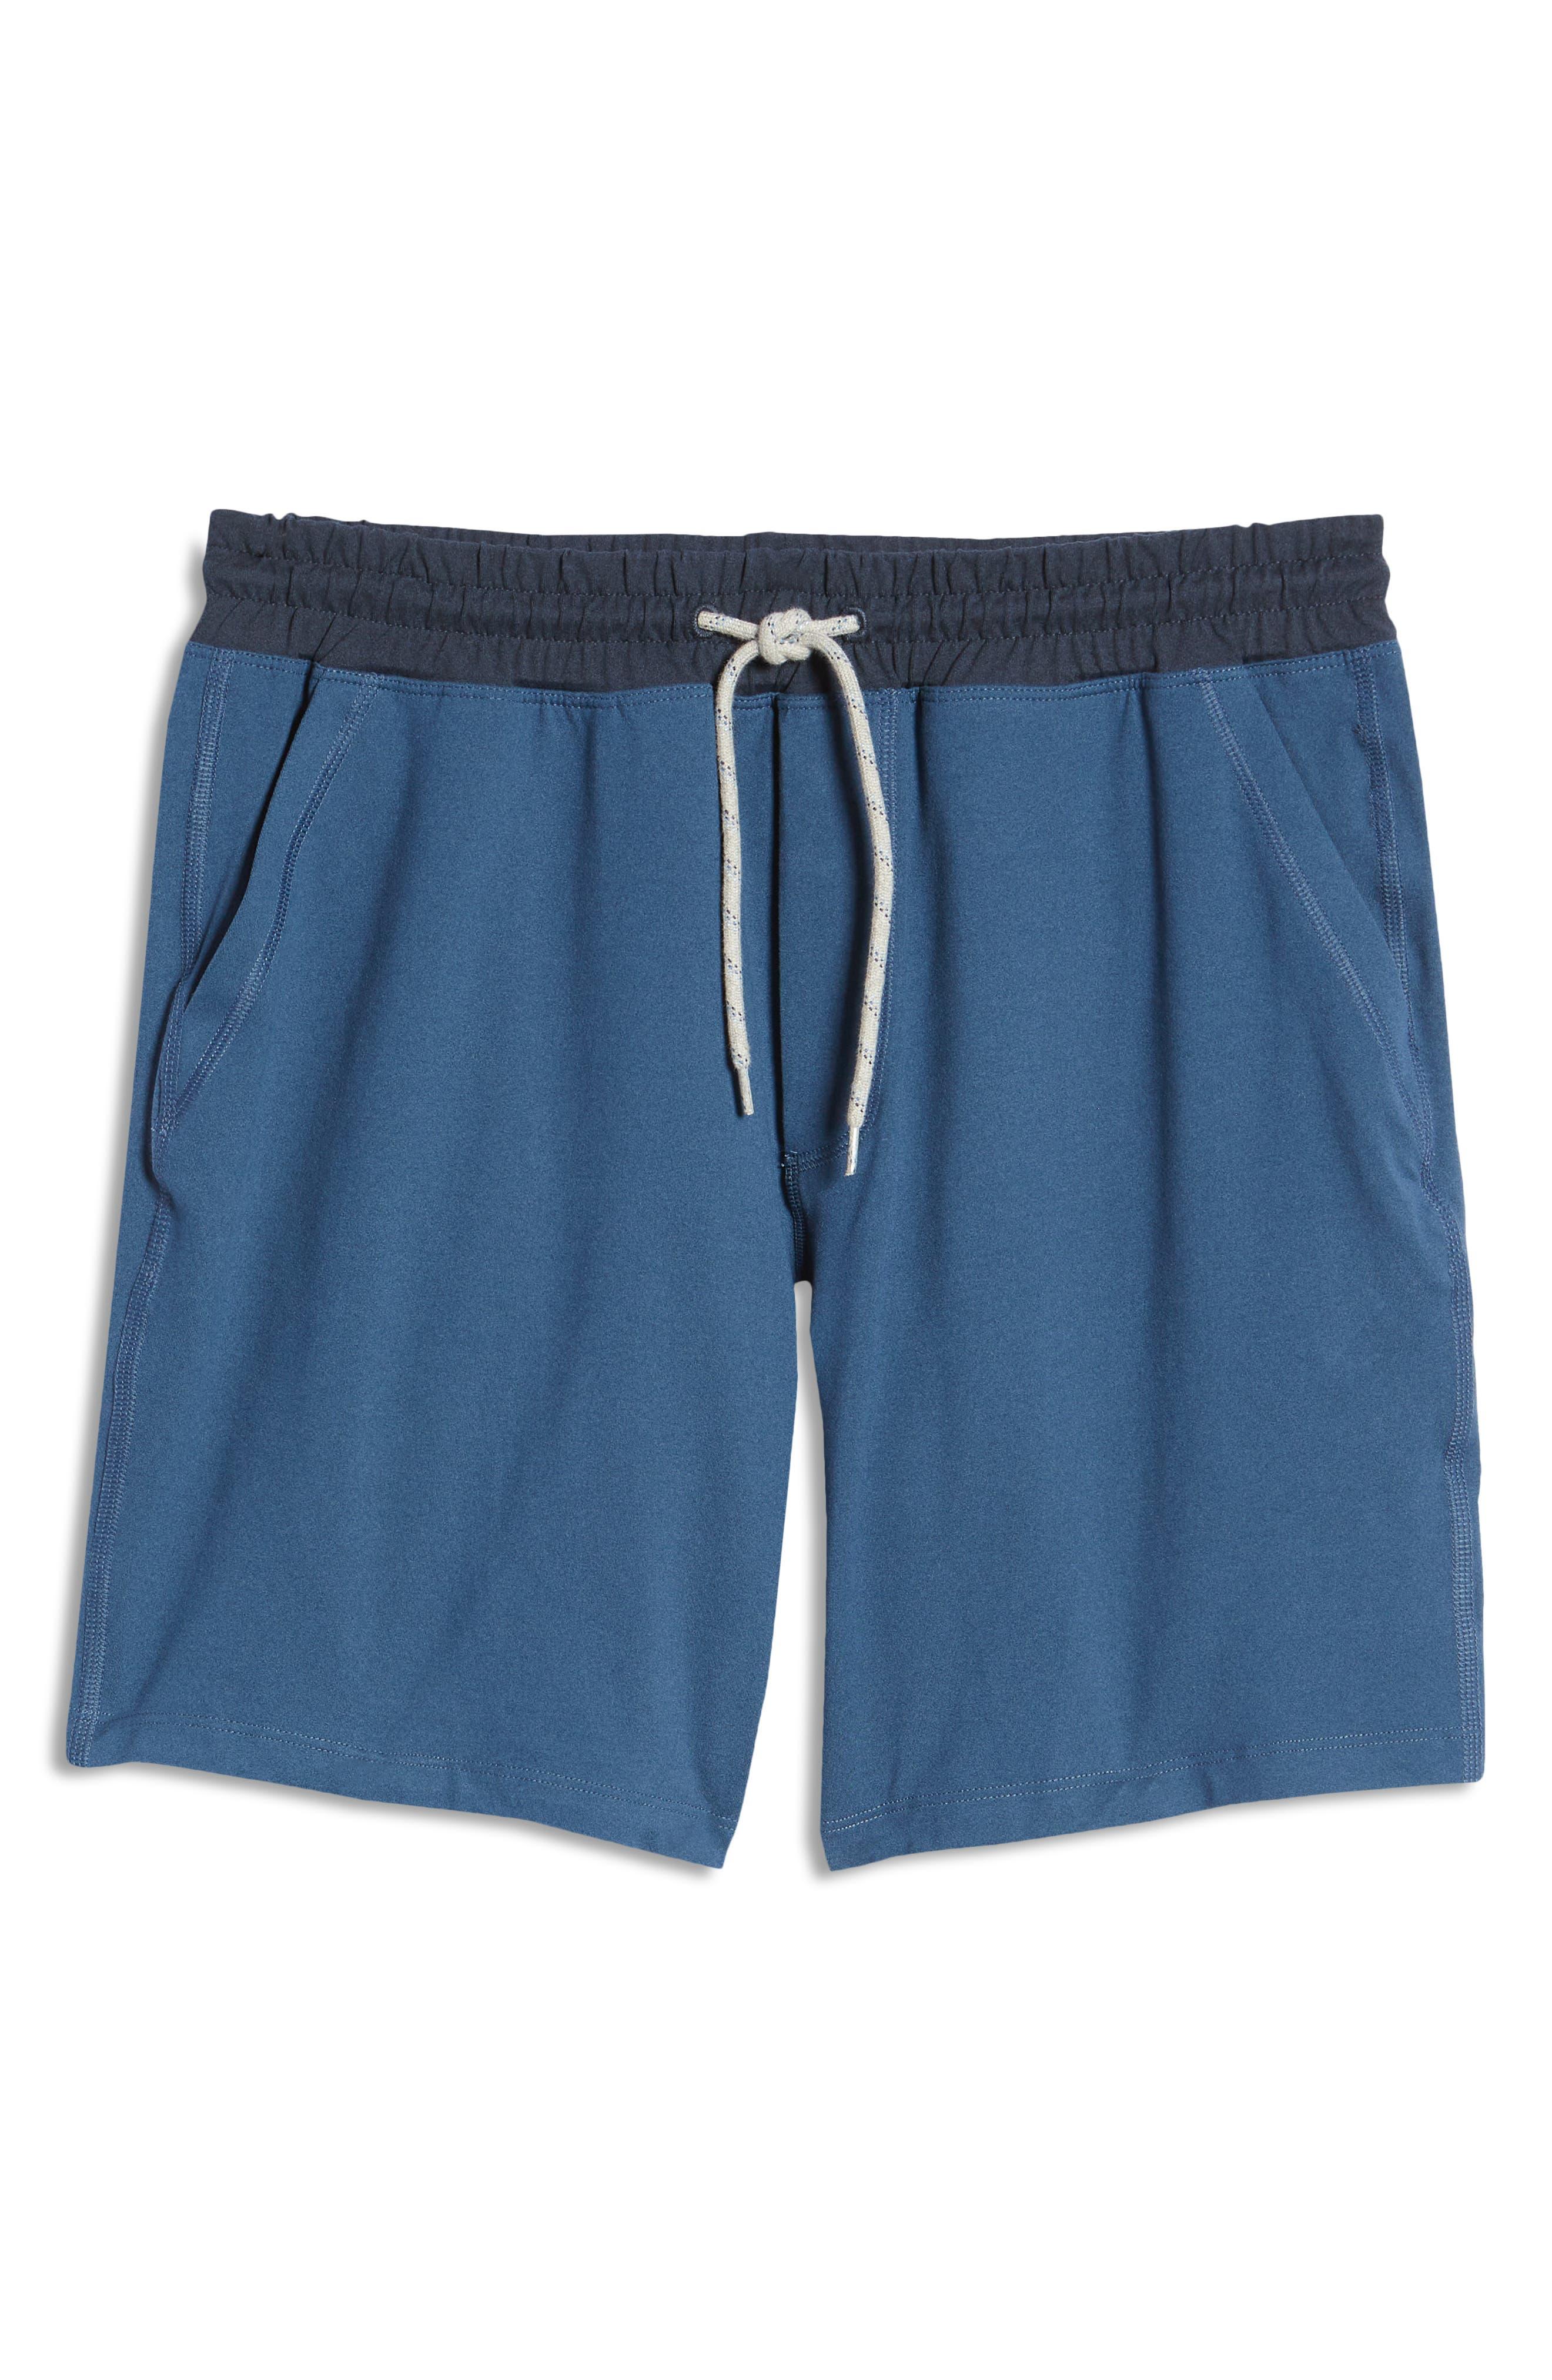 Men's Re-Spun Pocket Yoga Shorts